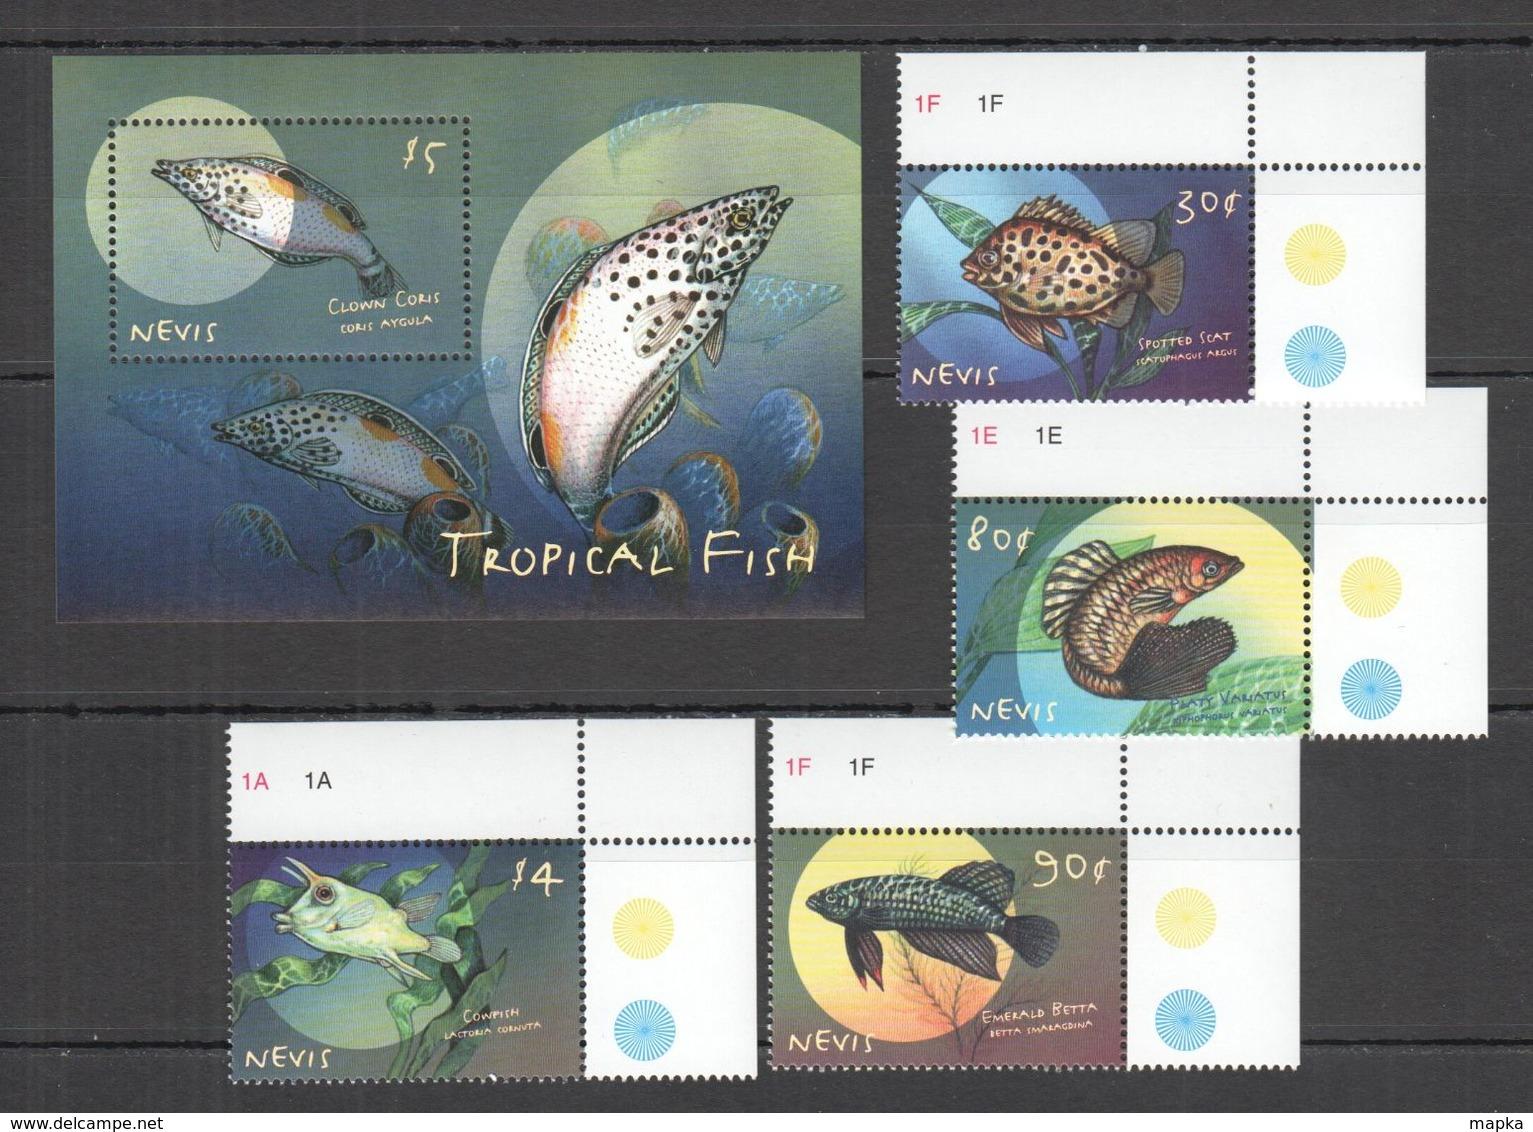 A042 NEVIS FAUNA MARINE LIFE TROPICAL FISH 1BL+1SET MNH - Pesci